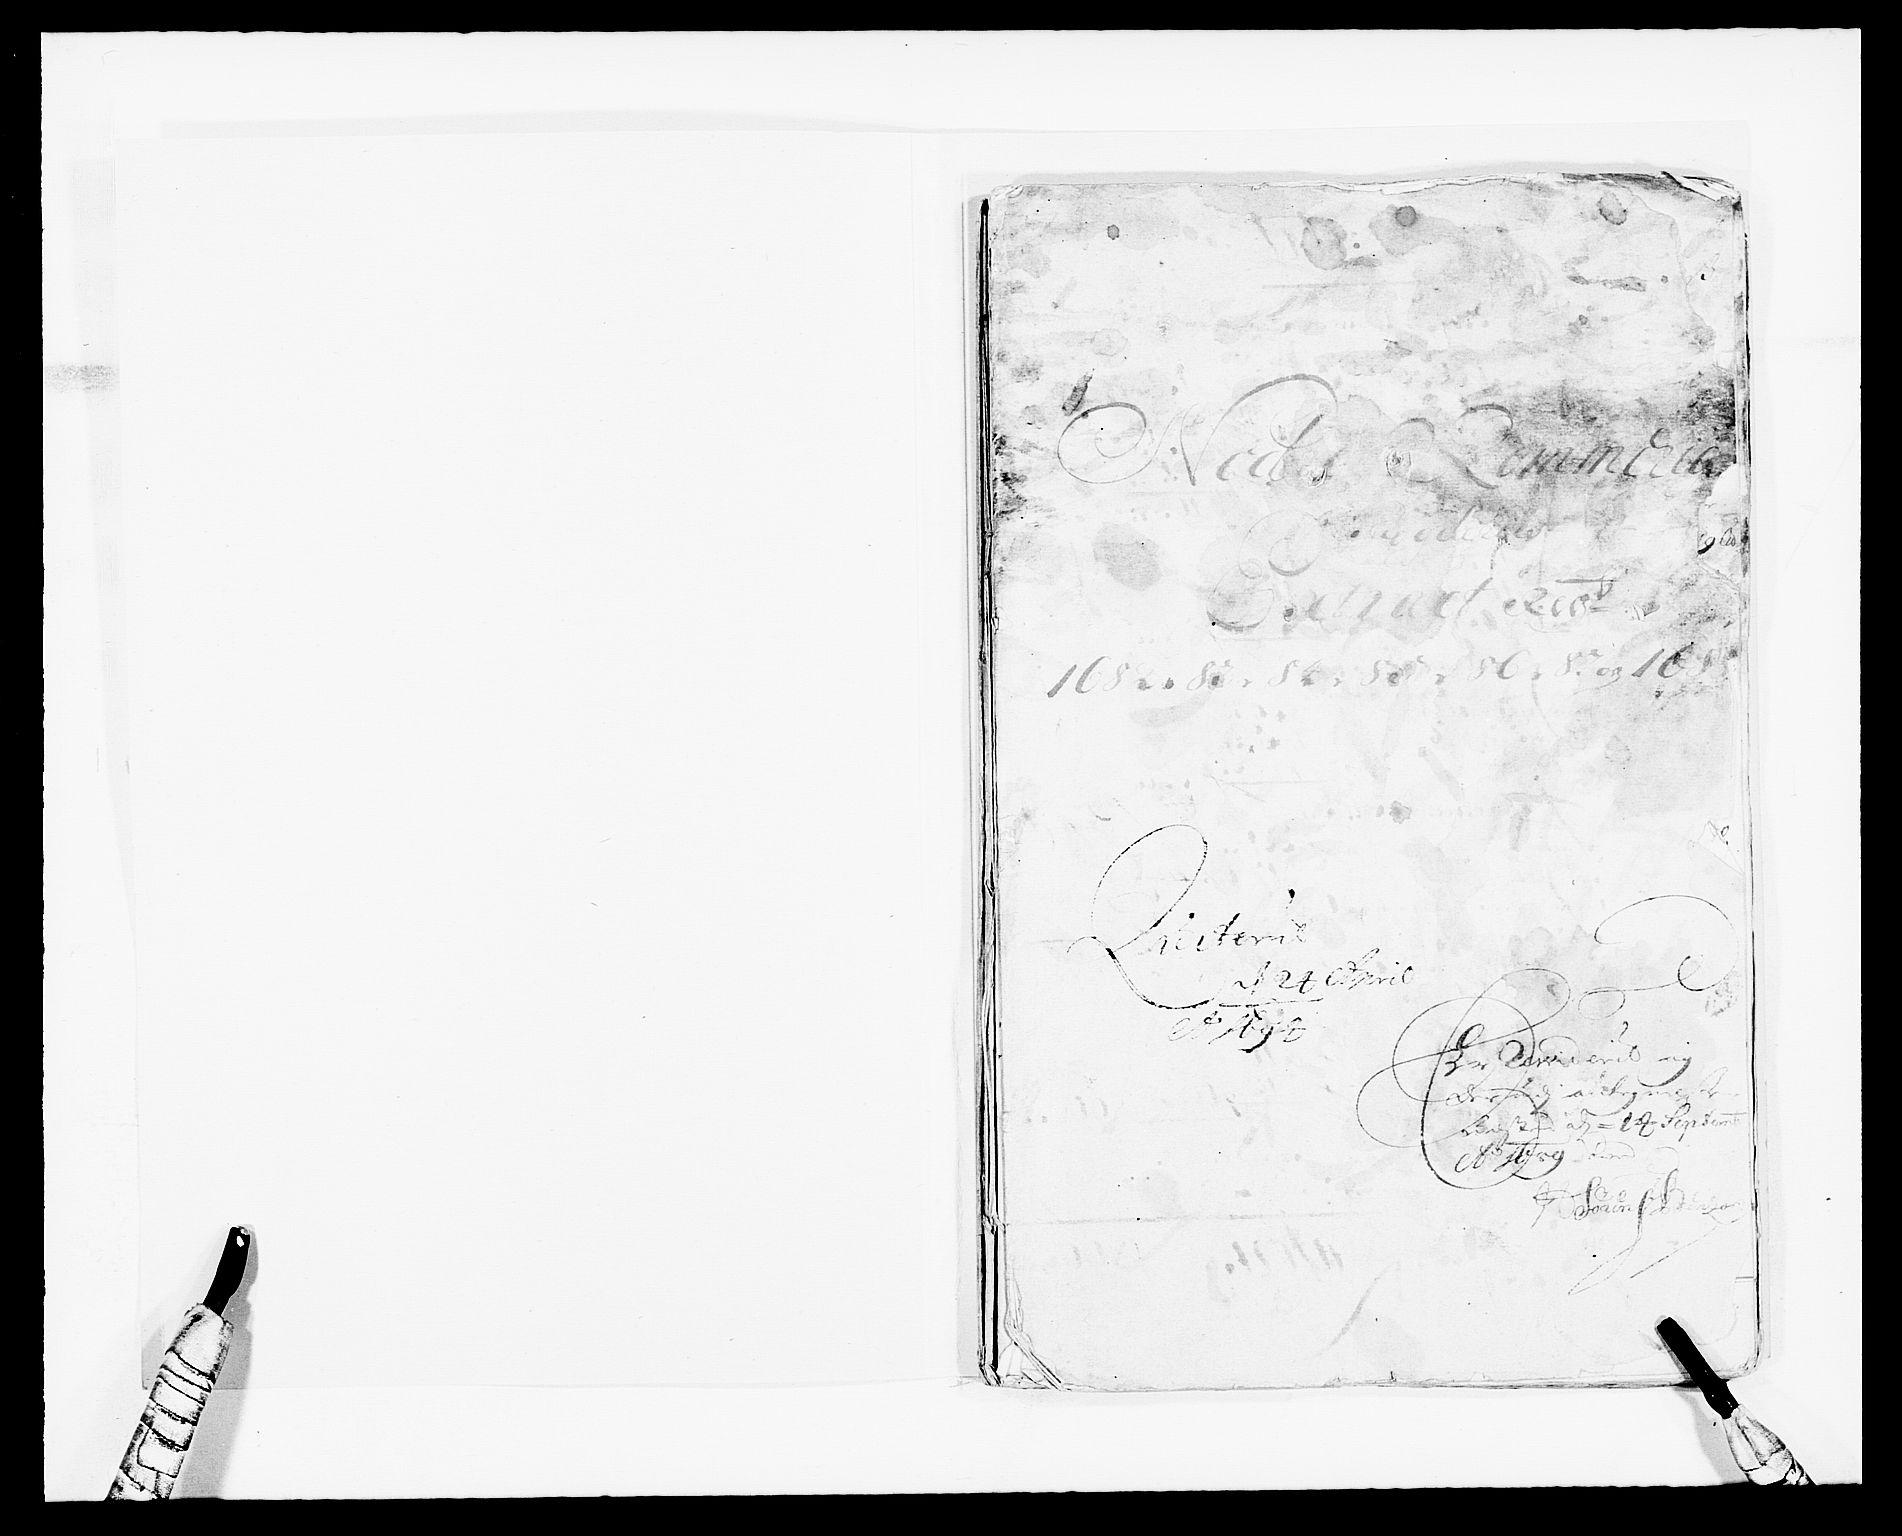 RA, Rentekammeret inntil 1814, Reviderte regnskaper, Fogderegnskap, R11/L0573: Fogderegnskap Nedre Romerike, 1679-1688, s. 155